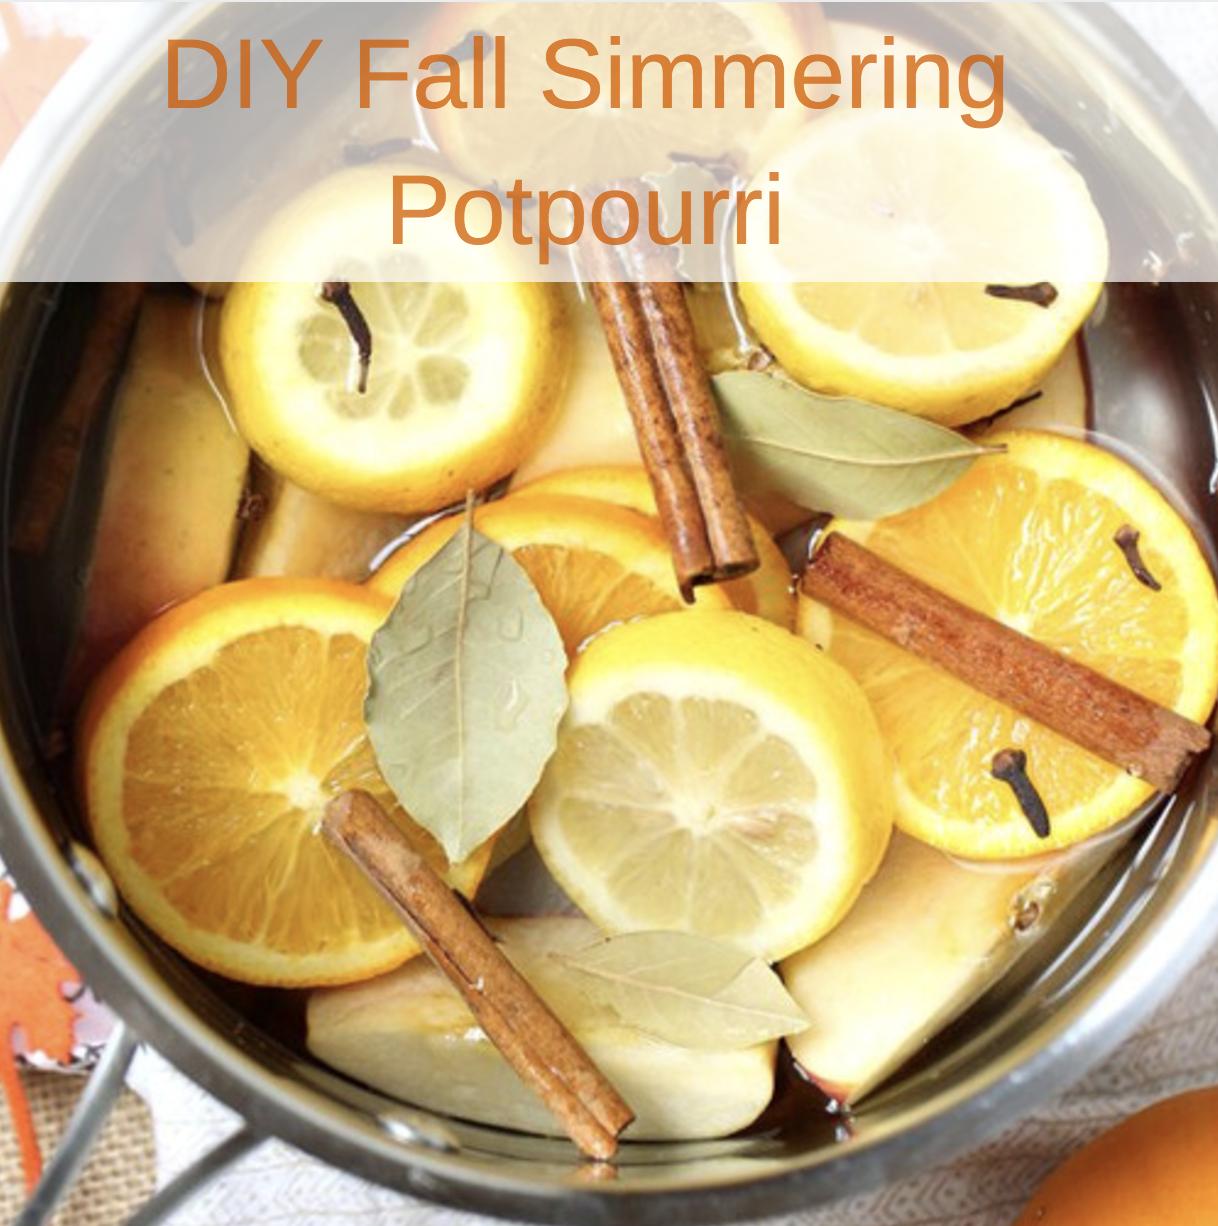 DIY Fall Simmering Potpourri